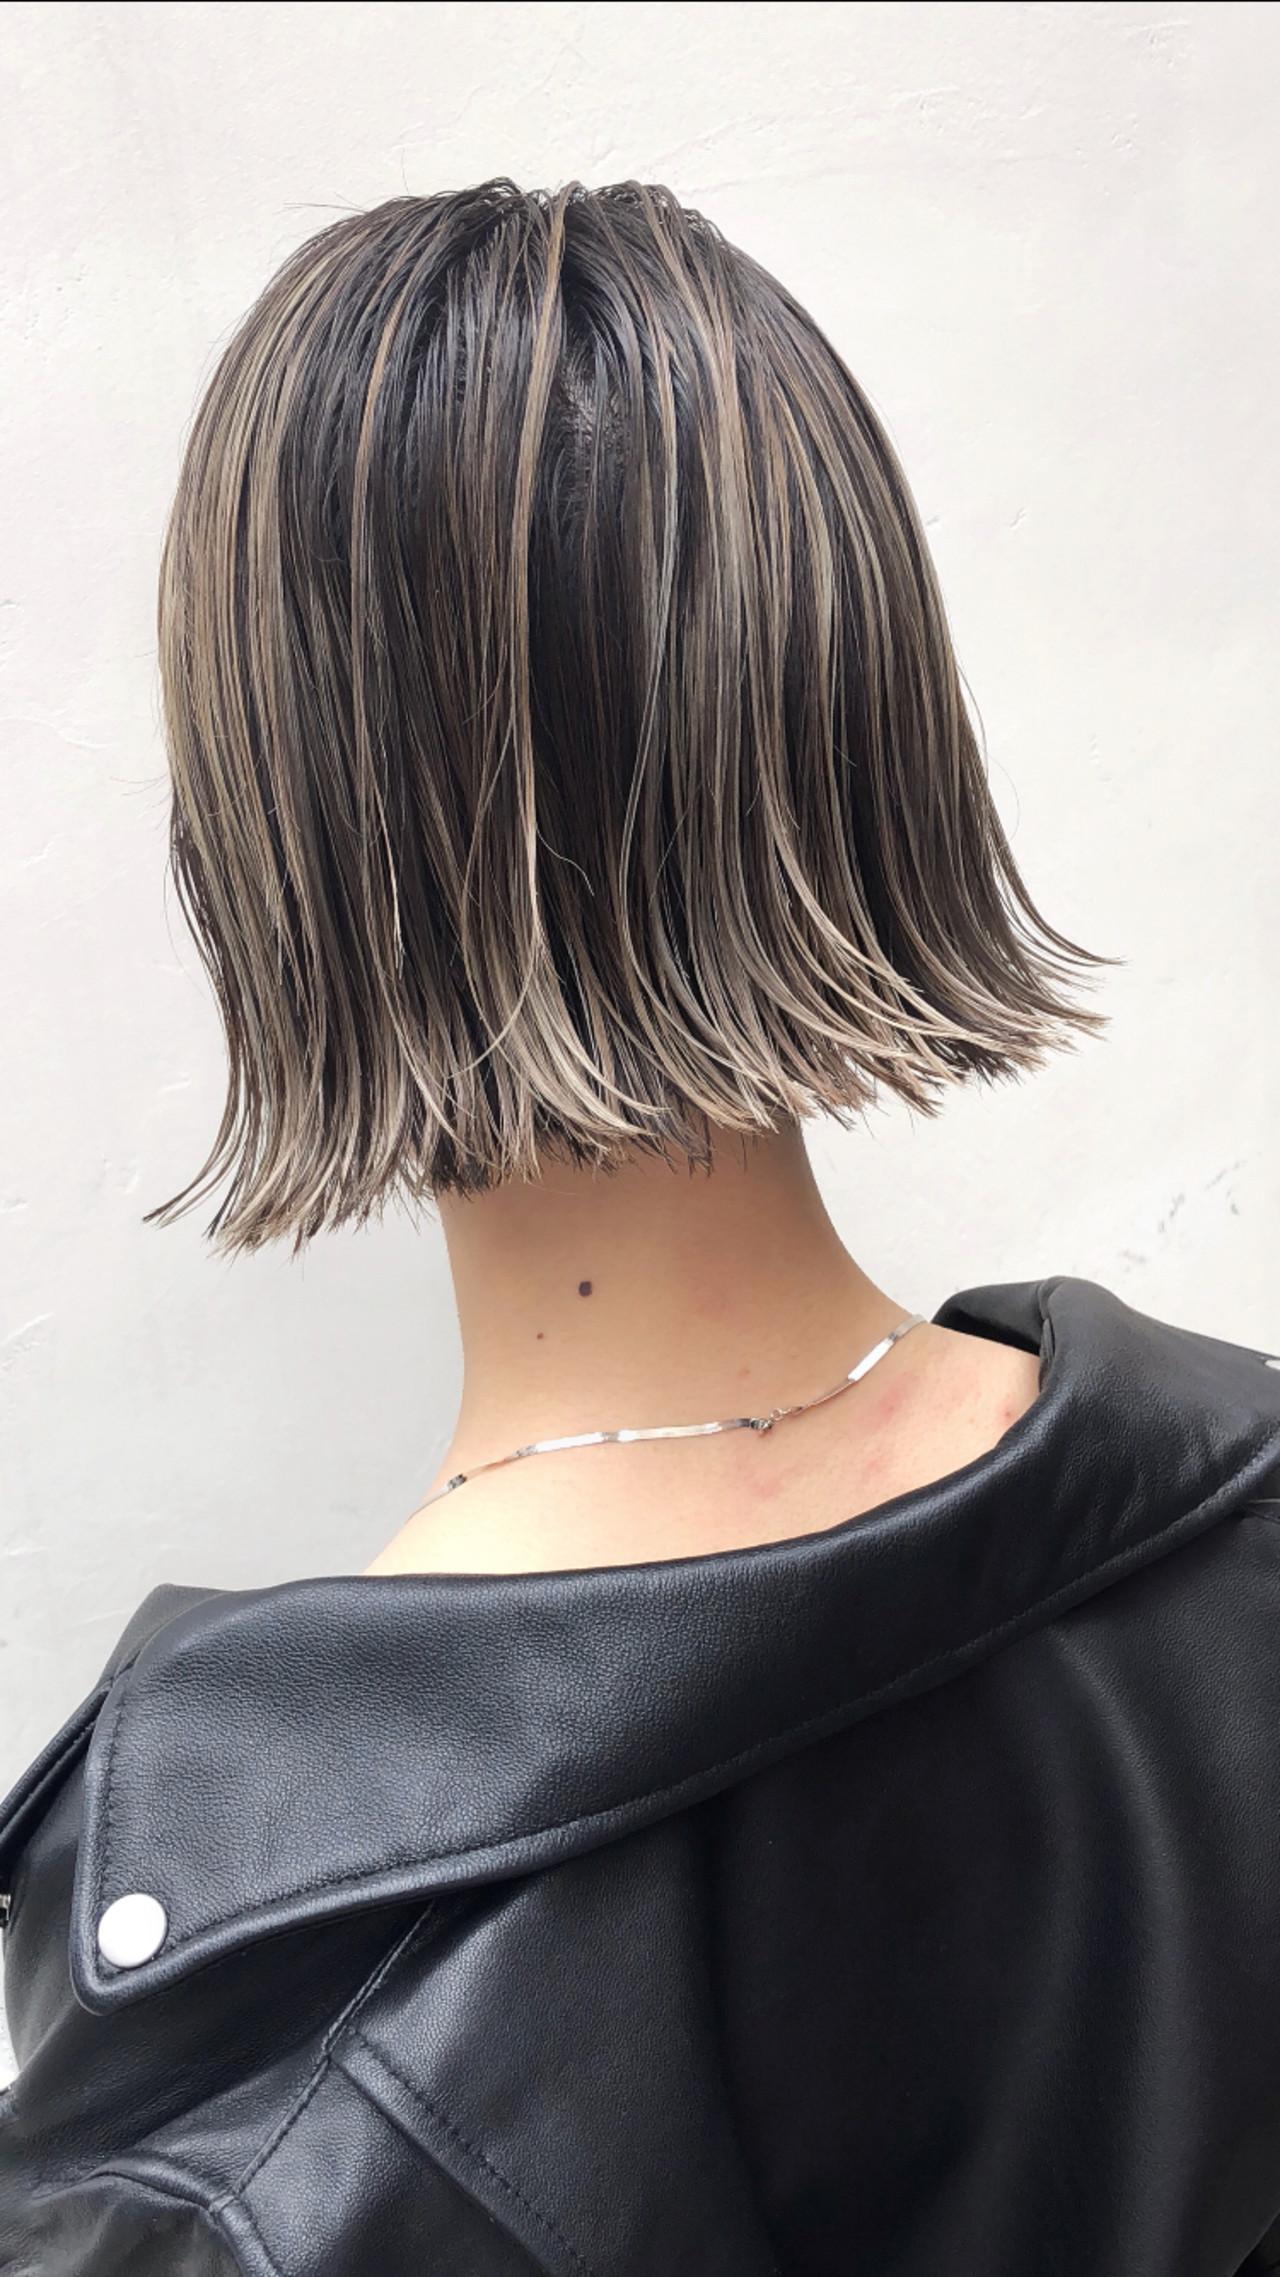 アンニュイほつれヘア 外国人風カラー グレージュ ボブ ヘアスタイルや髪型の写真・画像